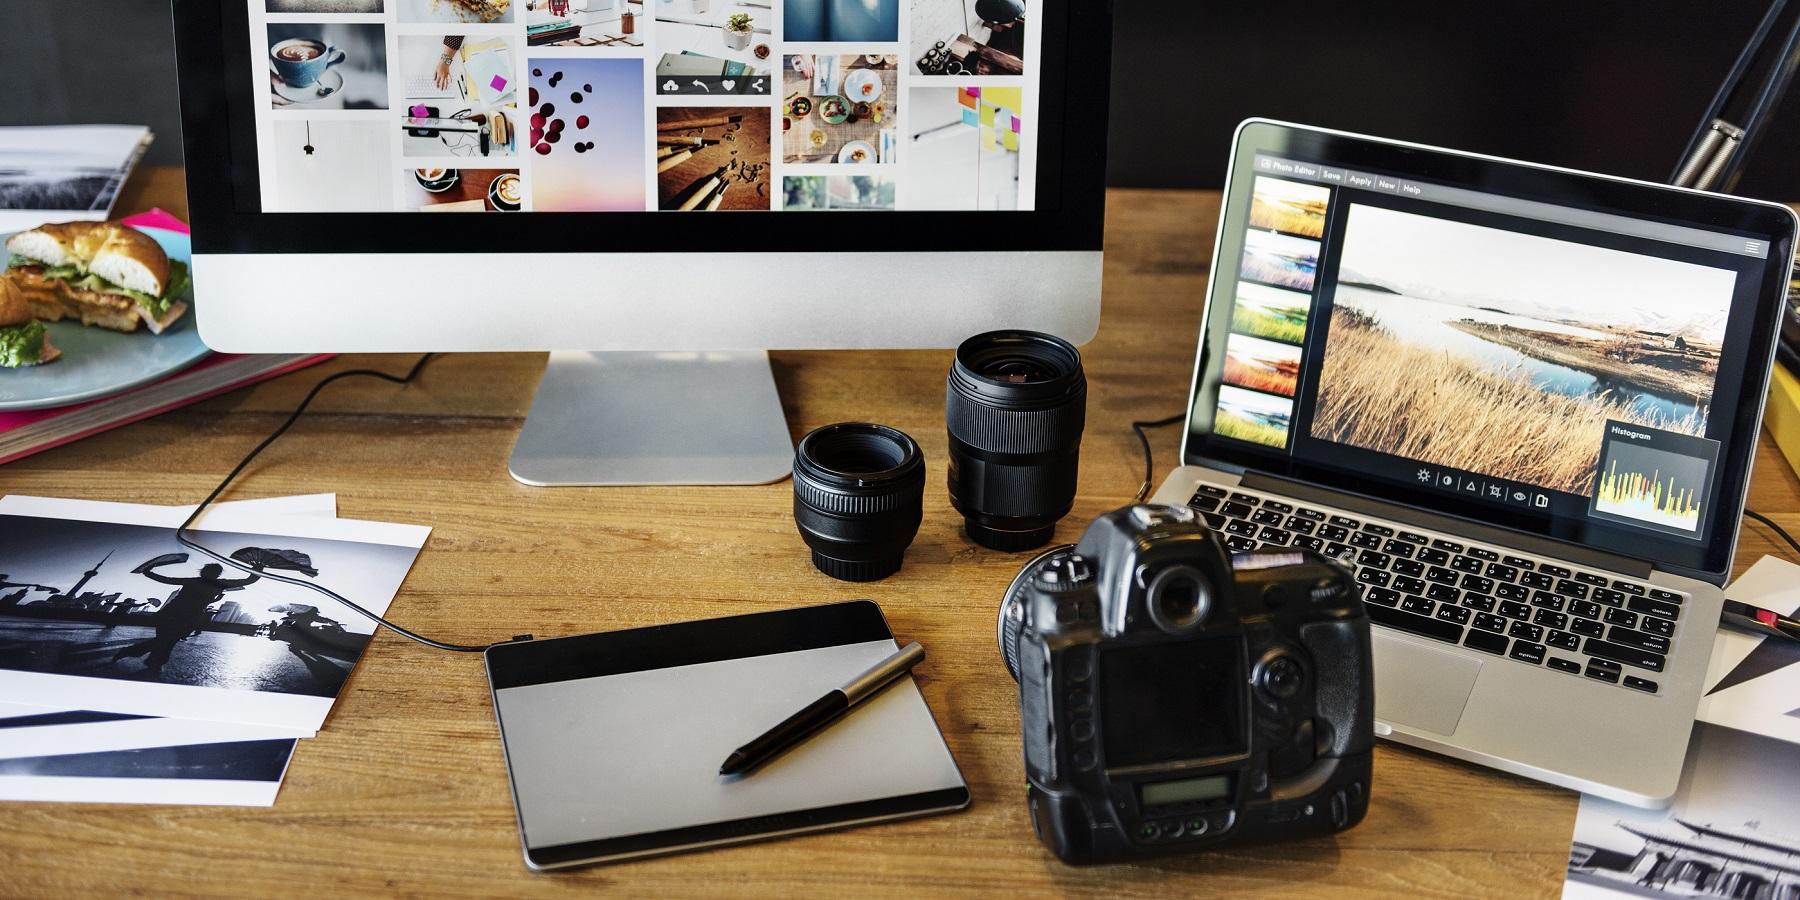 програми за обработване на снимки